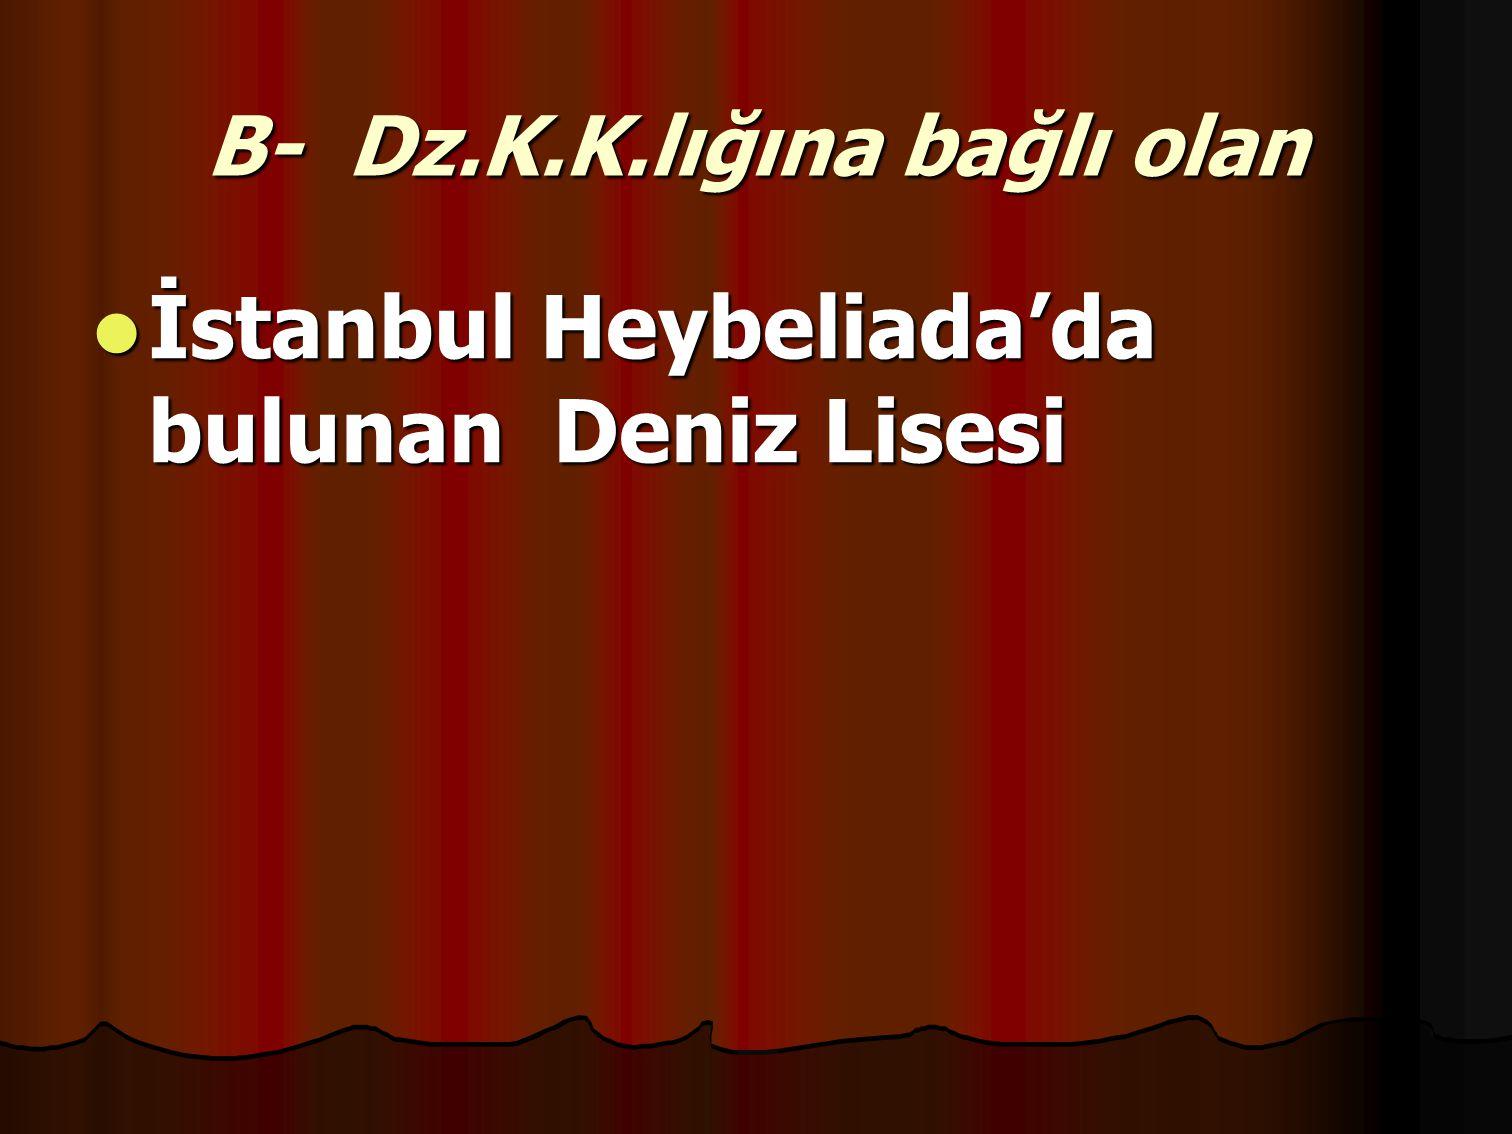 B- Dz.K.K.lığına bağlı olan İstanbul Heybeliada'da bulunan Deniz Lisesi İstanbul Heybeliada'da bulunan Deniz Lisesi